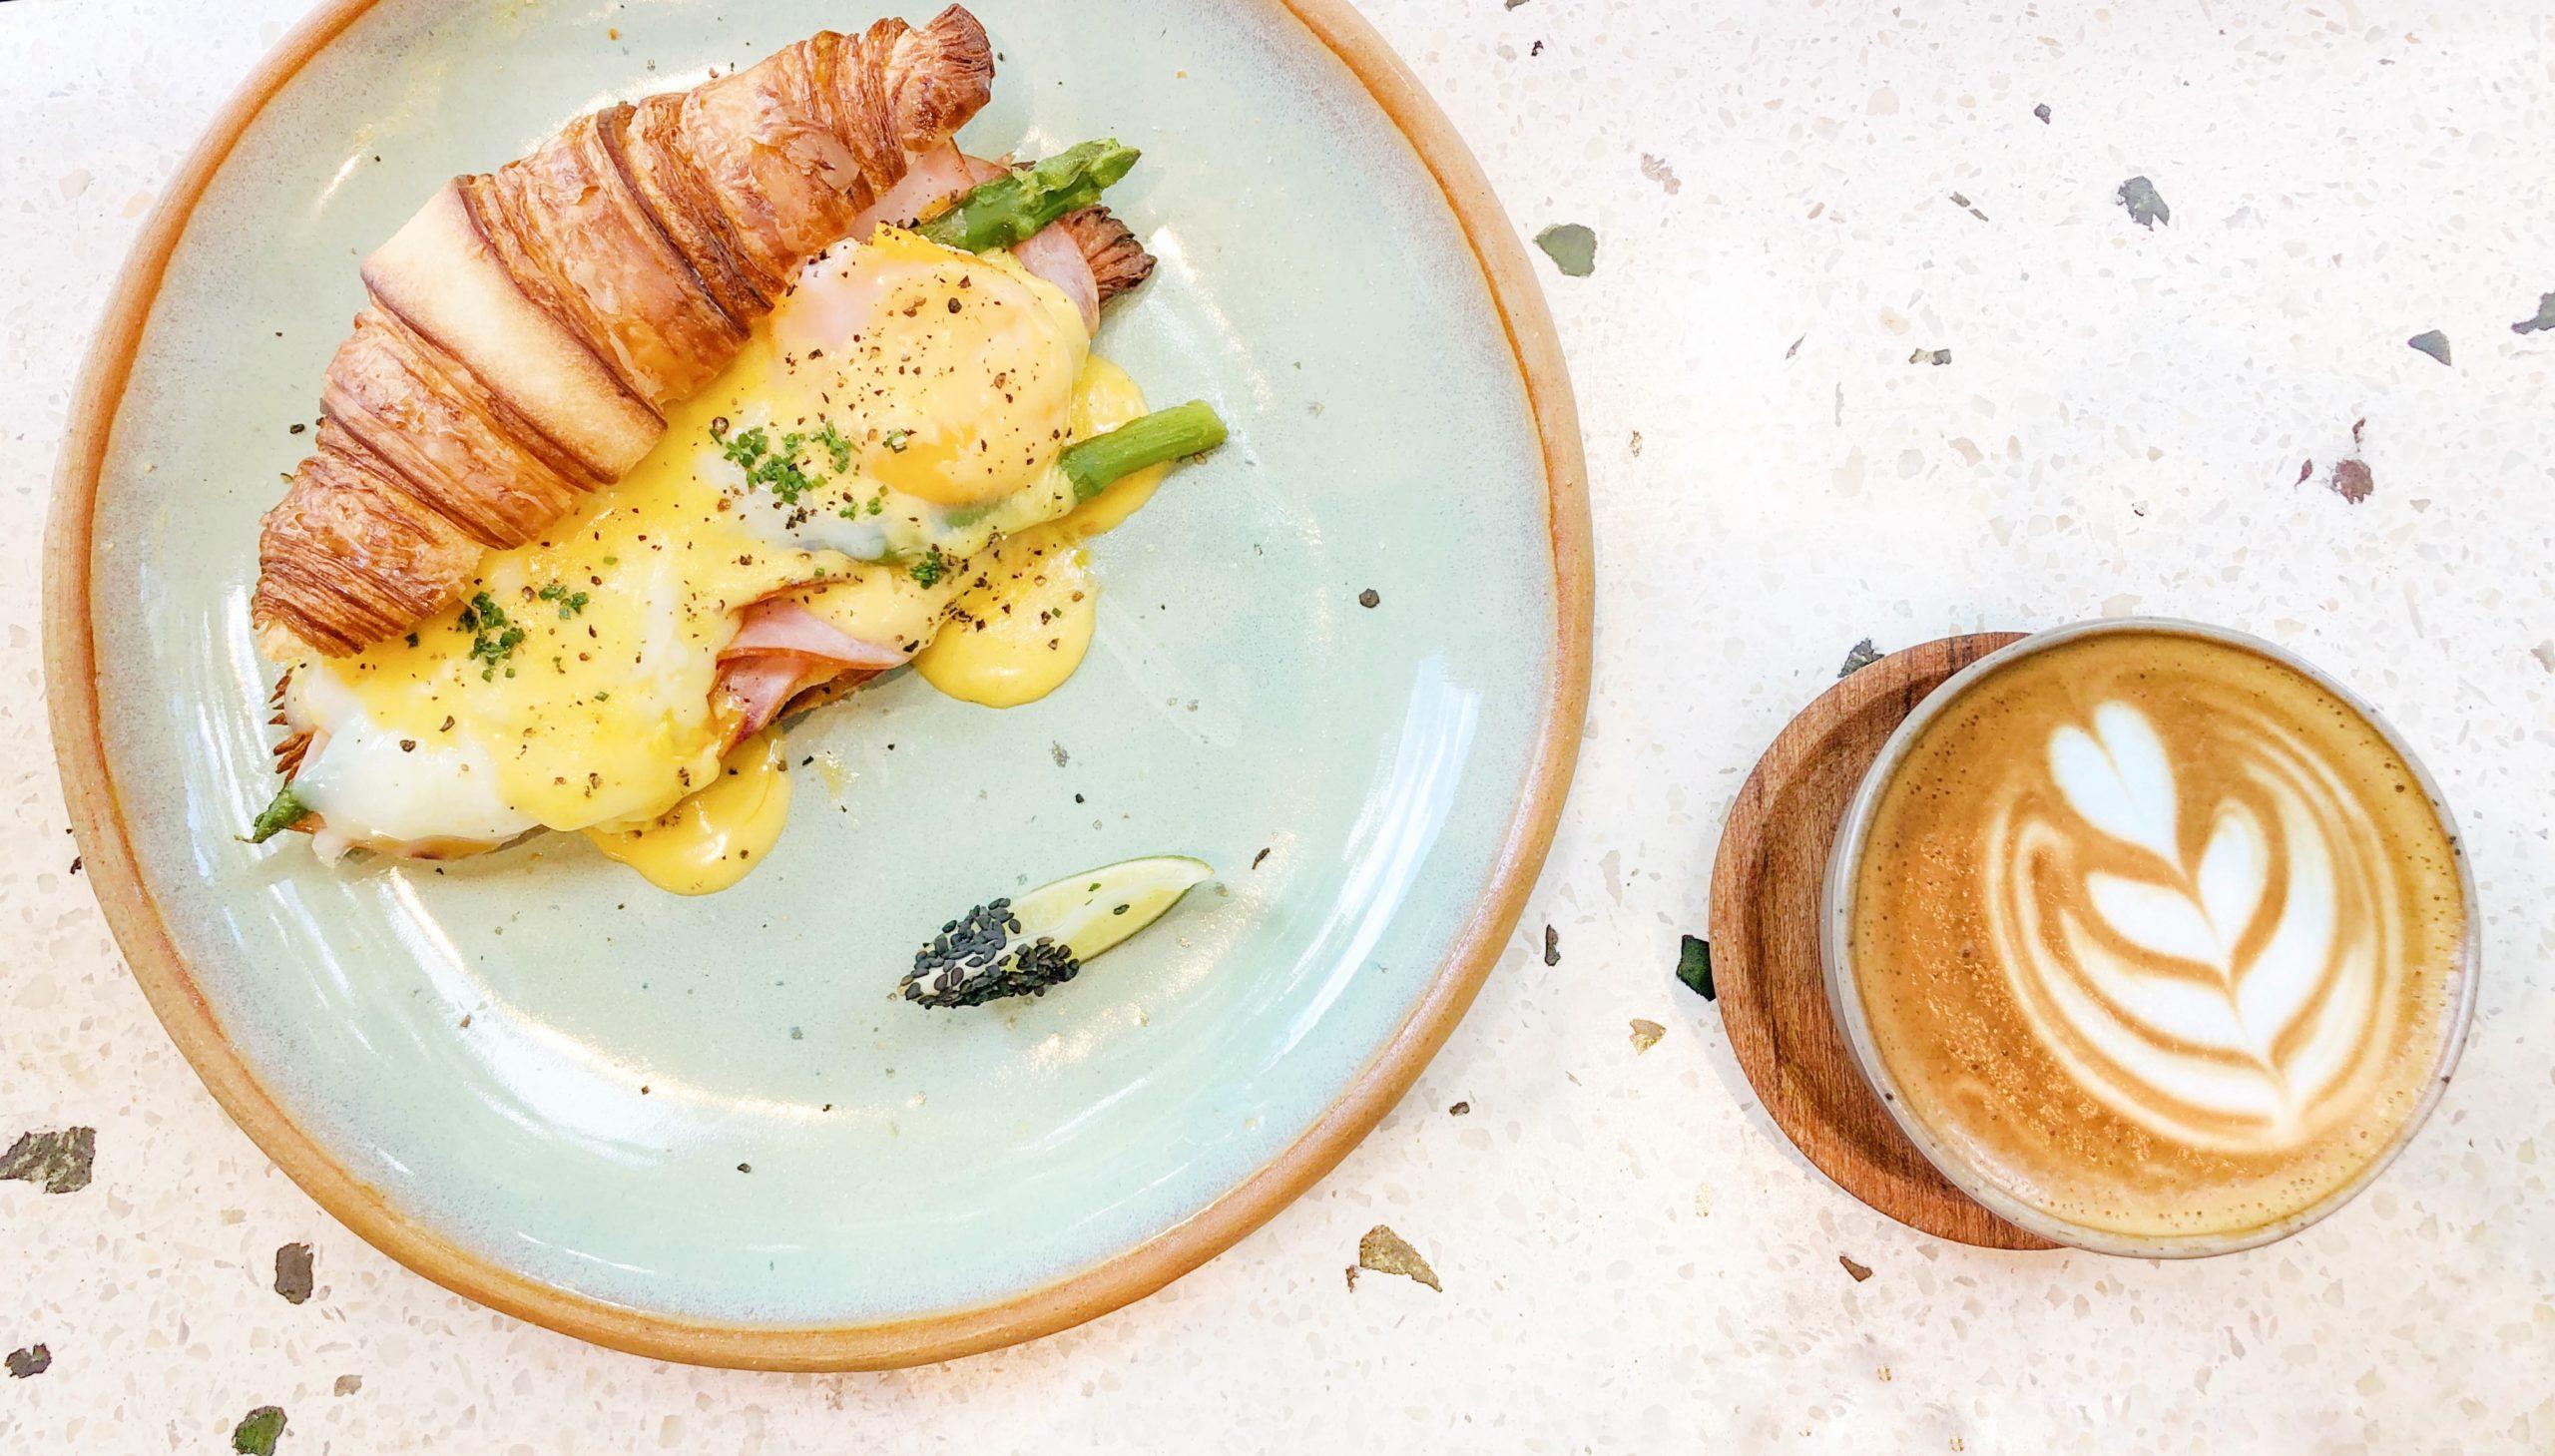 Surry Hills Coffee: café de especialidad con esencia australiana.